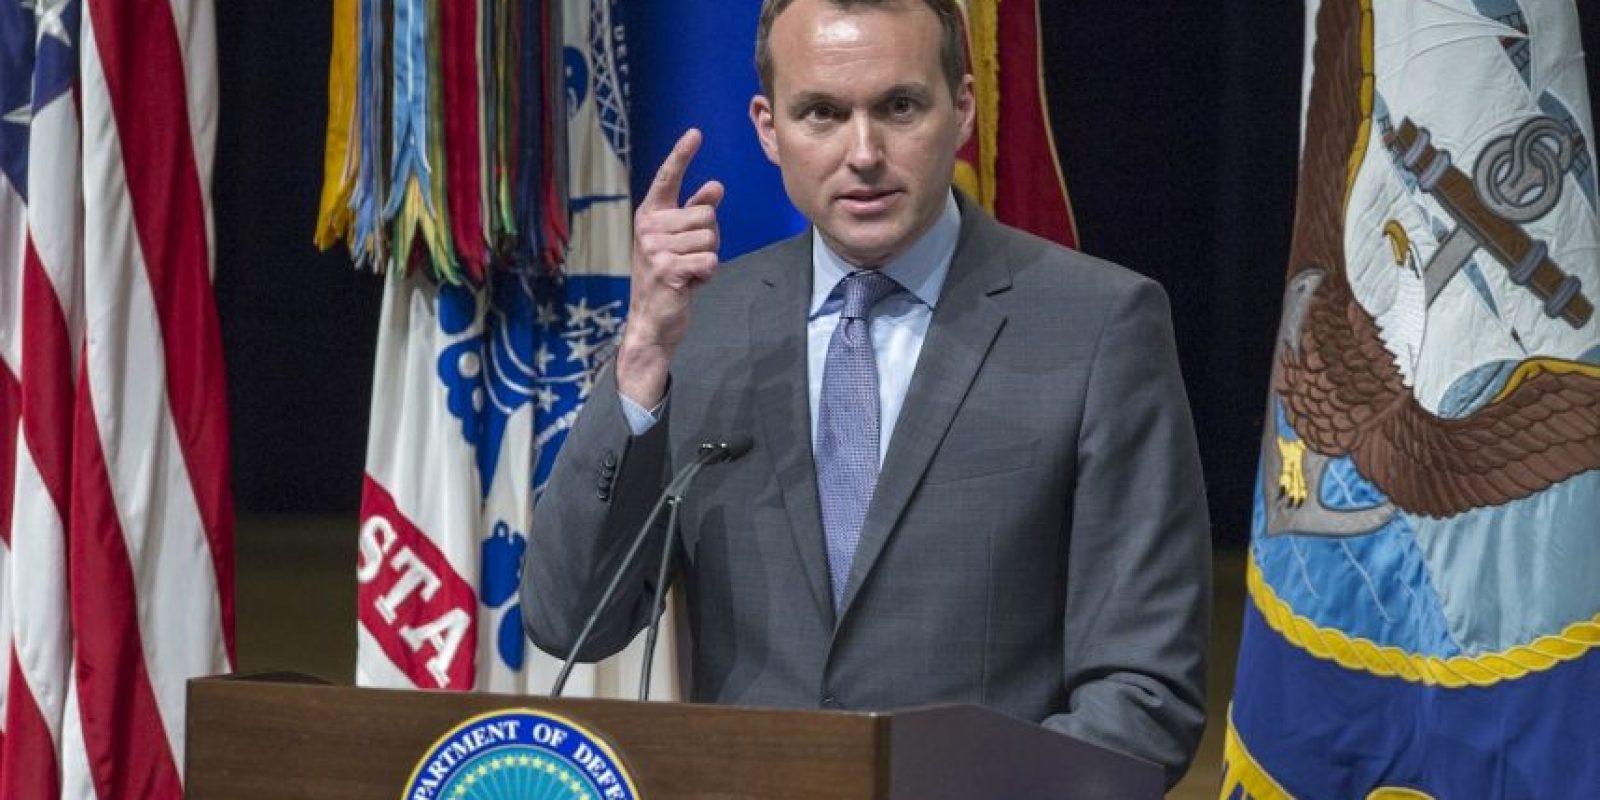 El cargo del secretario actual, John McHugh, será hasta el 1 de noviembre. Foto:AFP